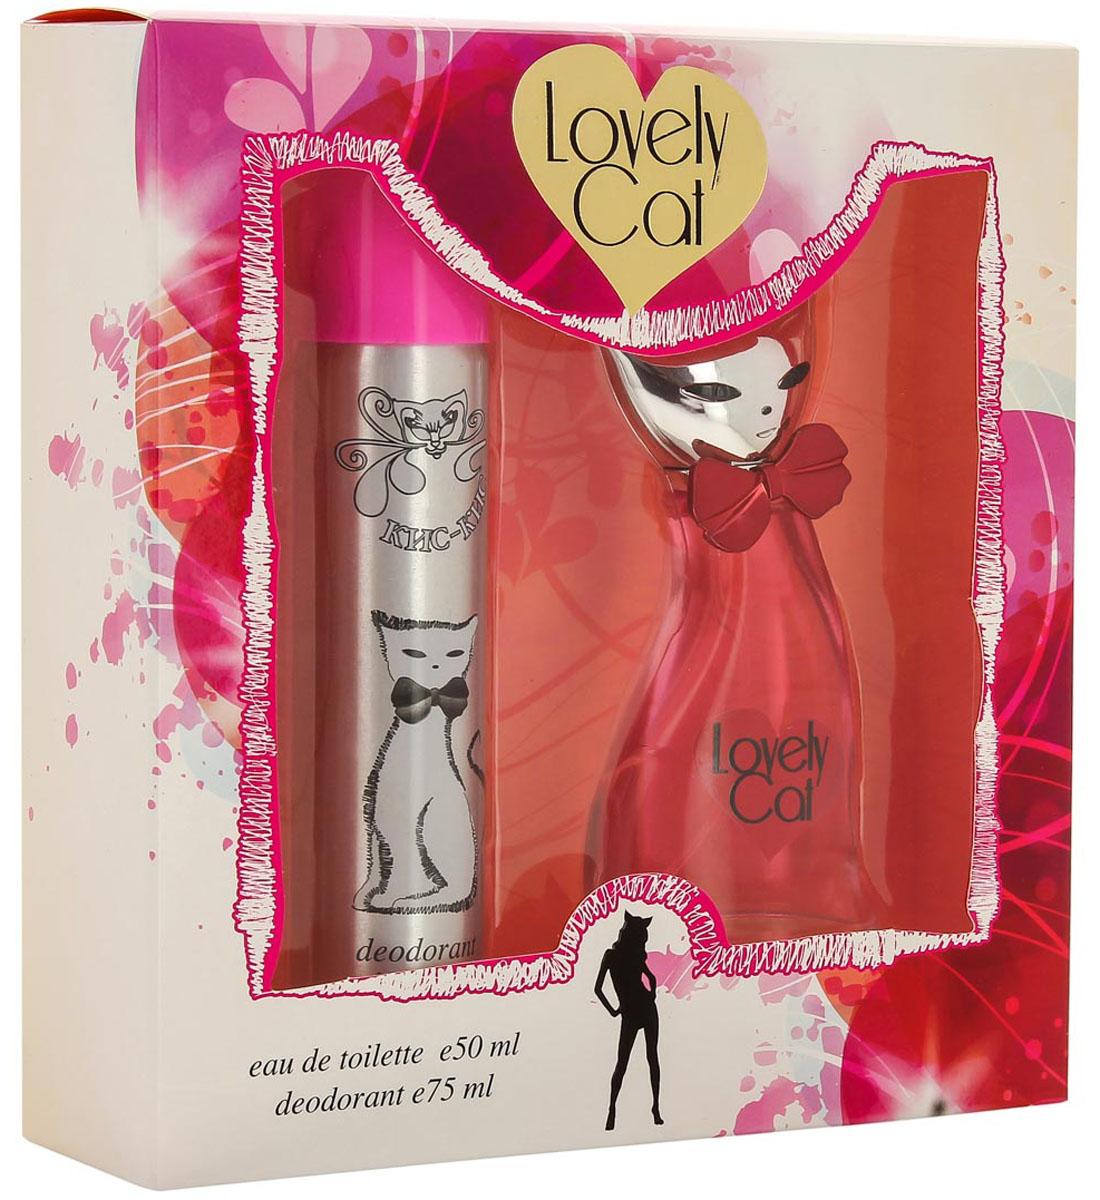 КПК-Парфюм Подарочный набор для женщин Кис-Кис Лавли: Туалетная вода, 50 мл + Парфюмированный дезодорант, 75 млКПК240КИС-КИС ЛАВЛИ- это аромат для женщин. Верхние ноты: апельсин, маракуйя, магнолия, страстоцвет, малина, манго и белые цветы; ноты сердца: красные ягоды, шиповник, гибискус и белый персик; ноты базы: сандал, мускус и светлая древесина.Краткий гид по парфюмерии: виды, ноты, ароматы, советы по выбору. Статья OZON Гид